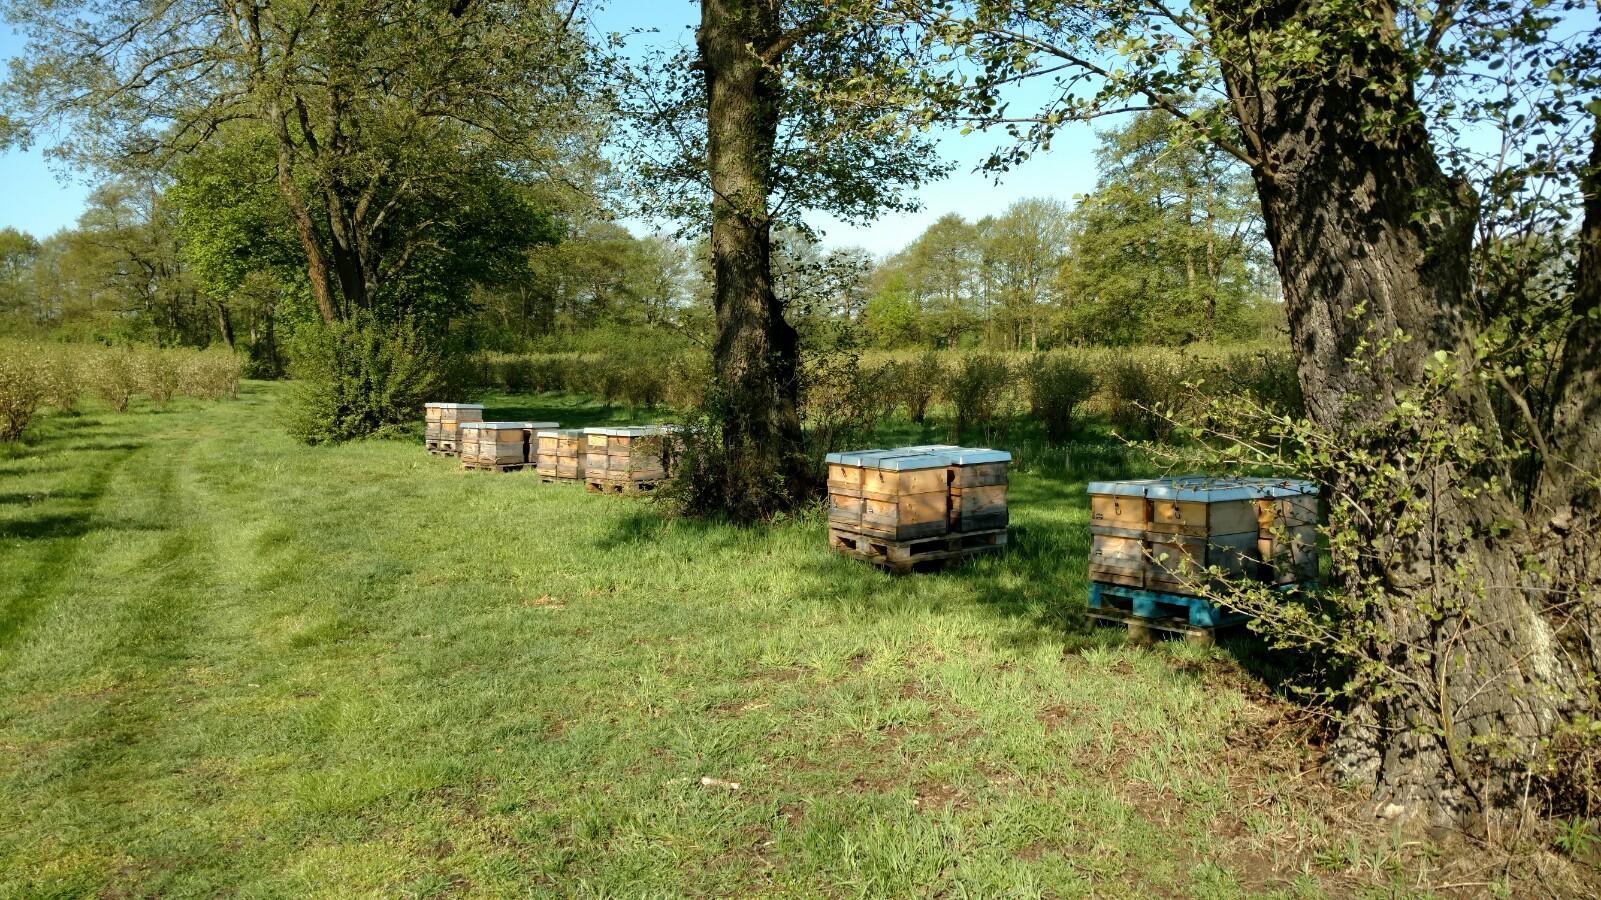 best ubung auf dem bickbeernhof bienenwerk bioland honig bioland imkerei. Black Bedroom Furniture Sets. Home Design Ideas